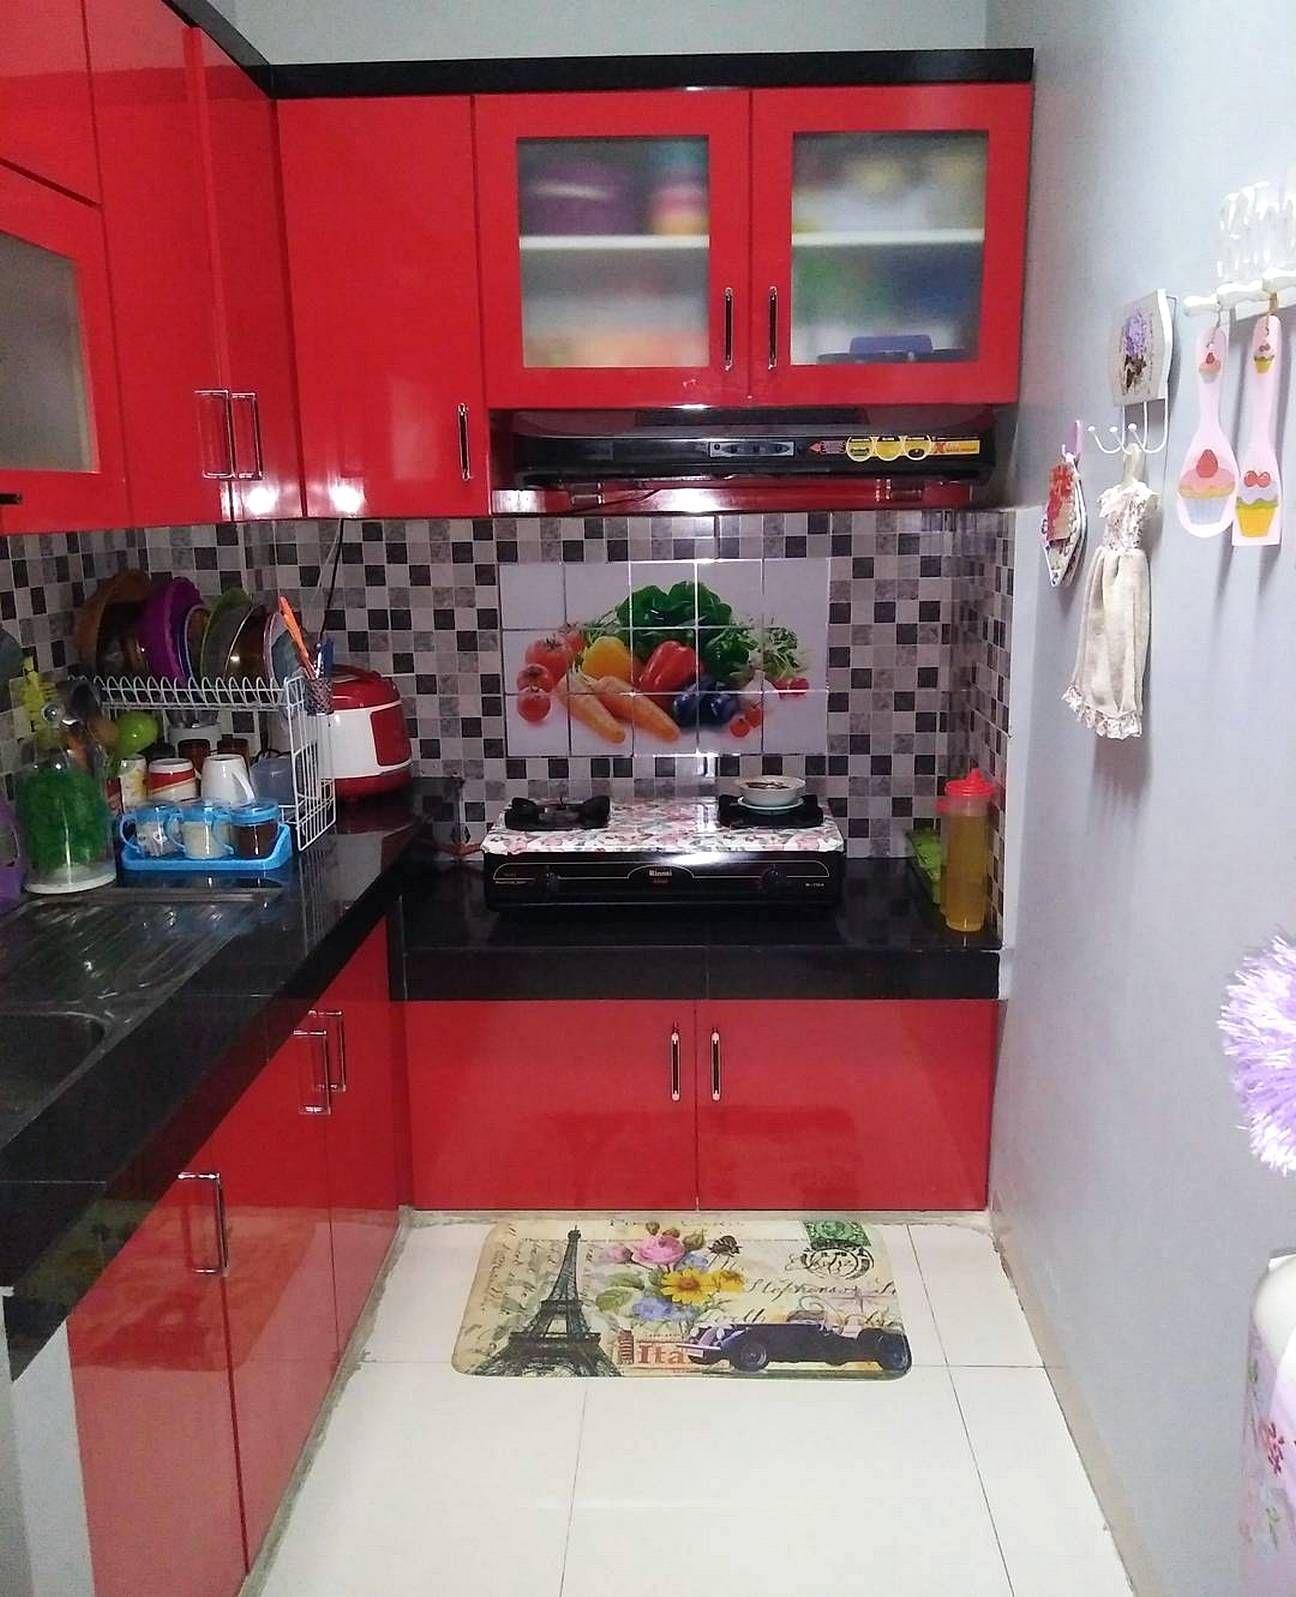 Motif Keramik Dapur Sempit Warna Merah Dipadu Dengan Hitamputih